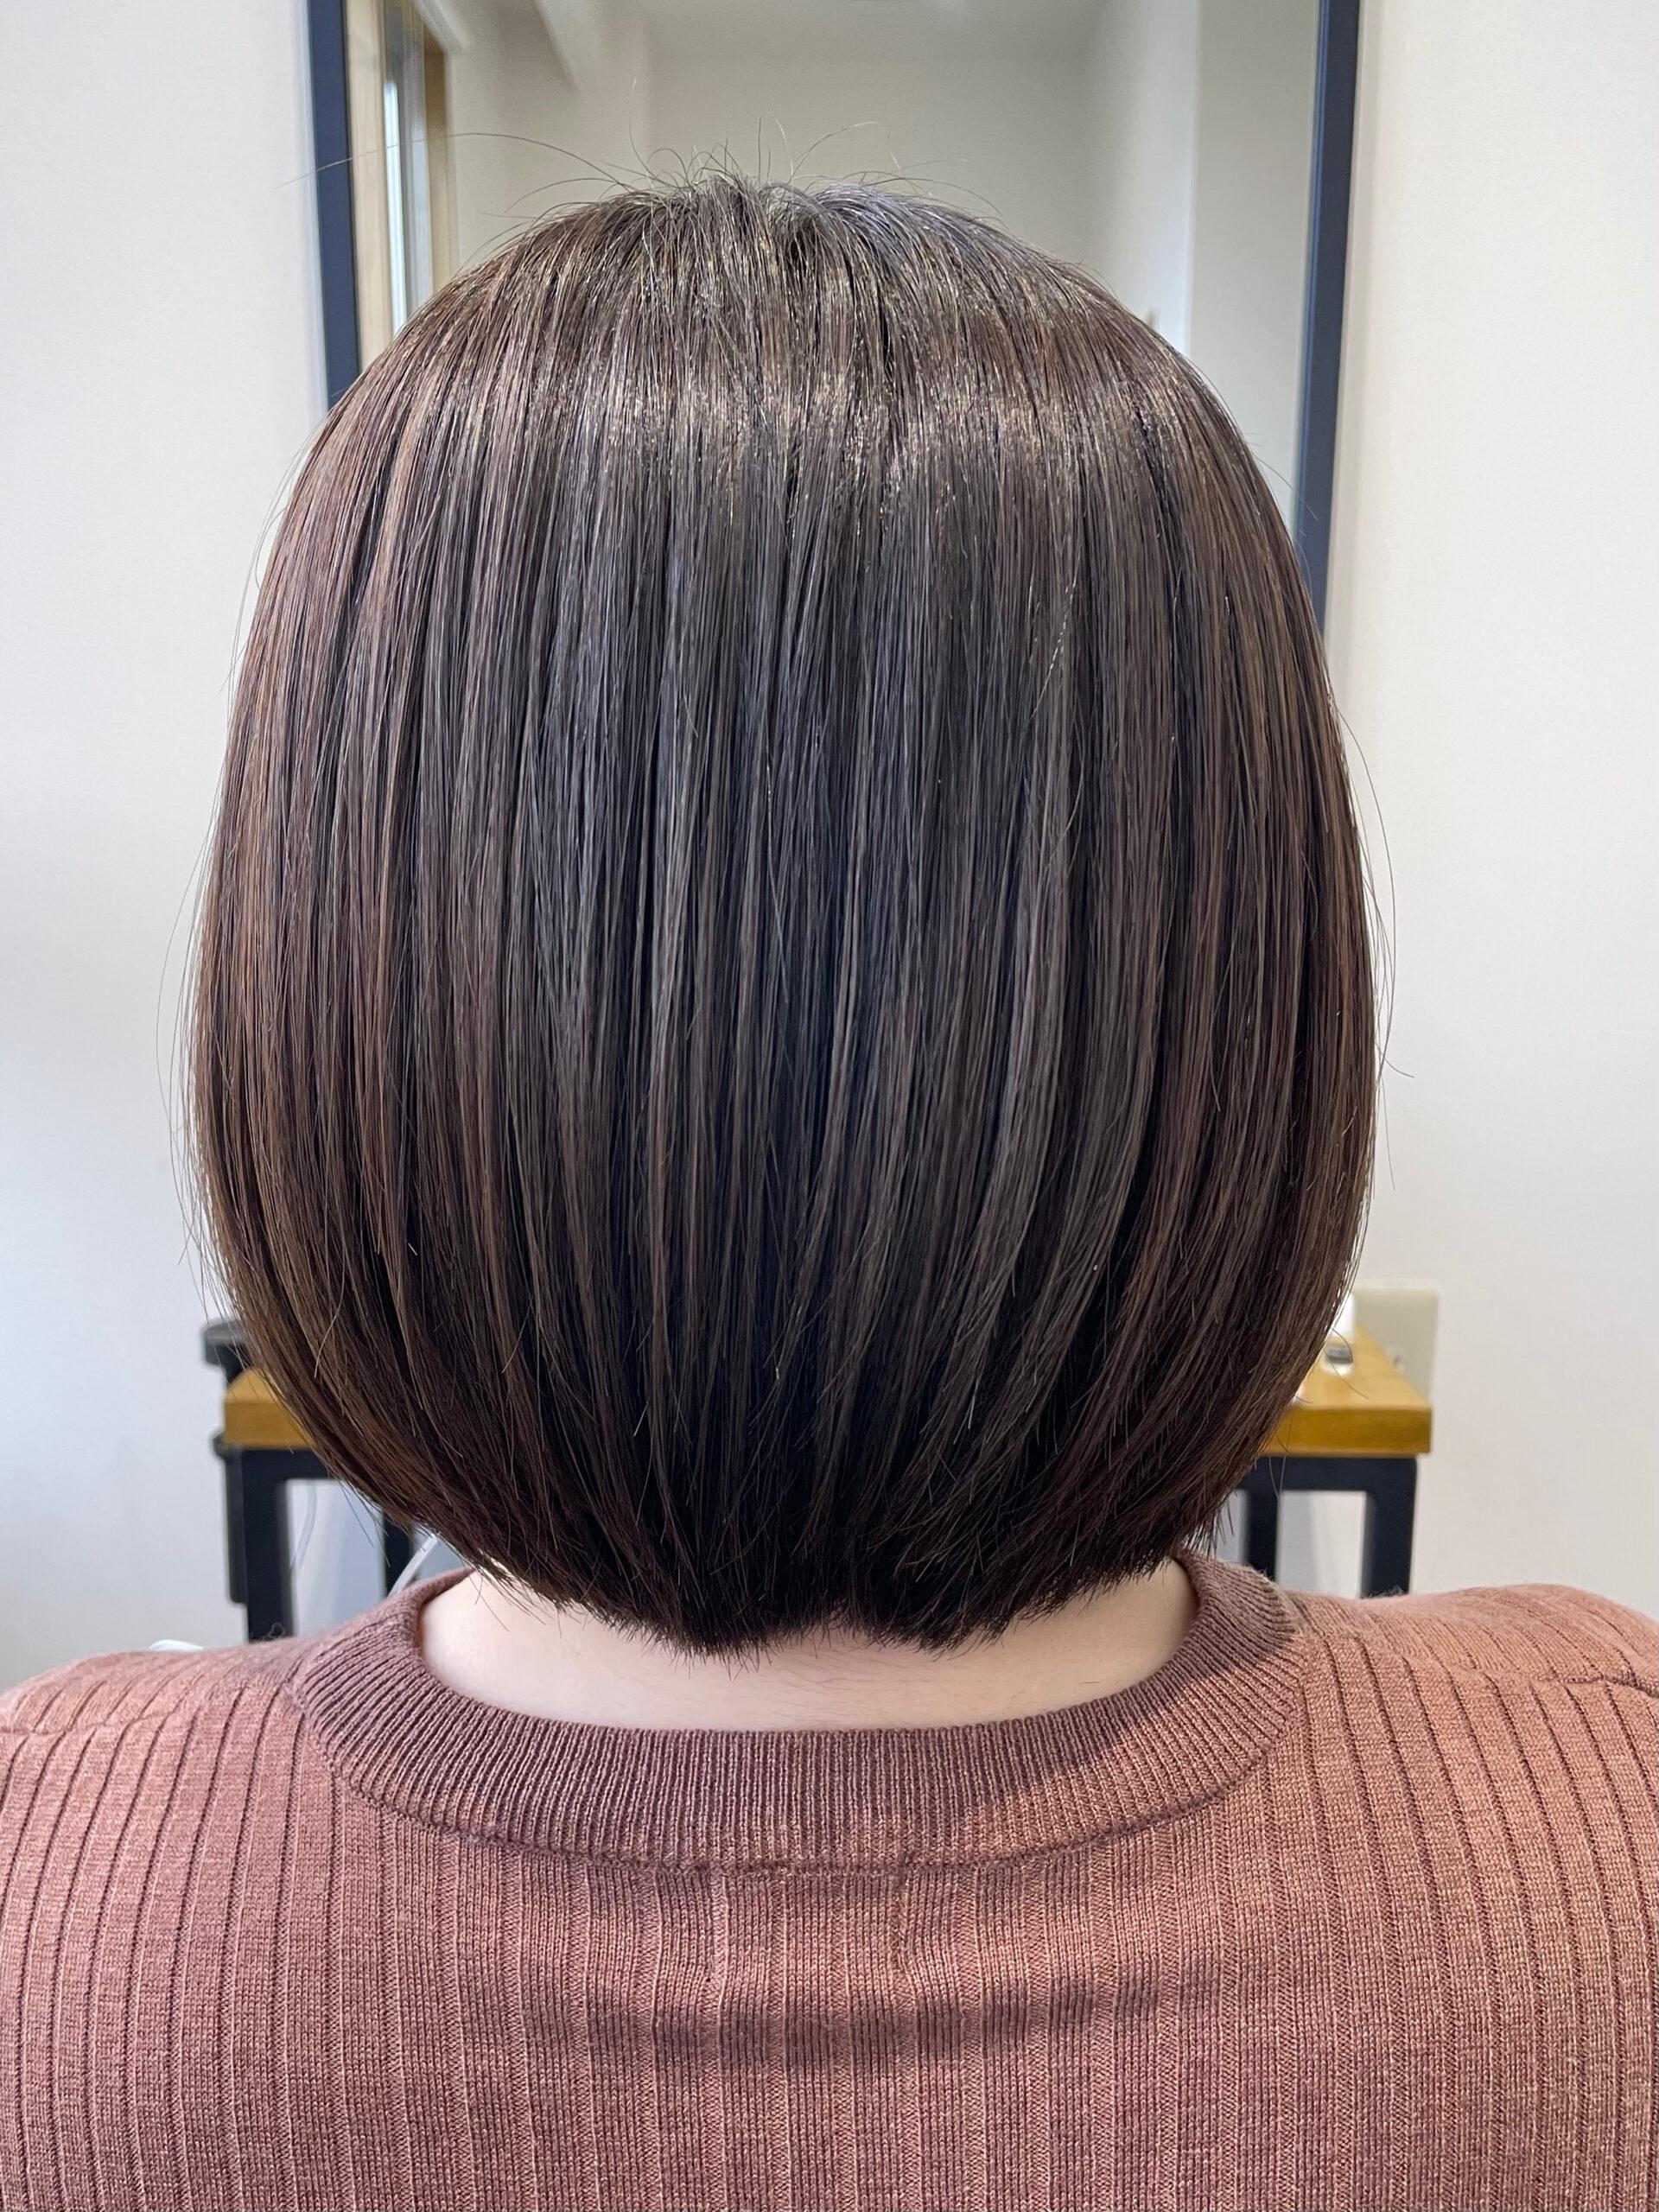 大分県別府市 ツヤ髪になりたい方は弱酸性ストレートとケアカラーの組み合わせが最強です! アフター